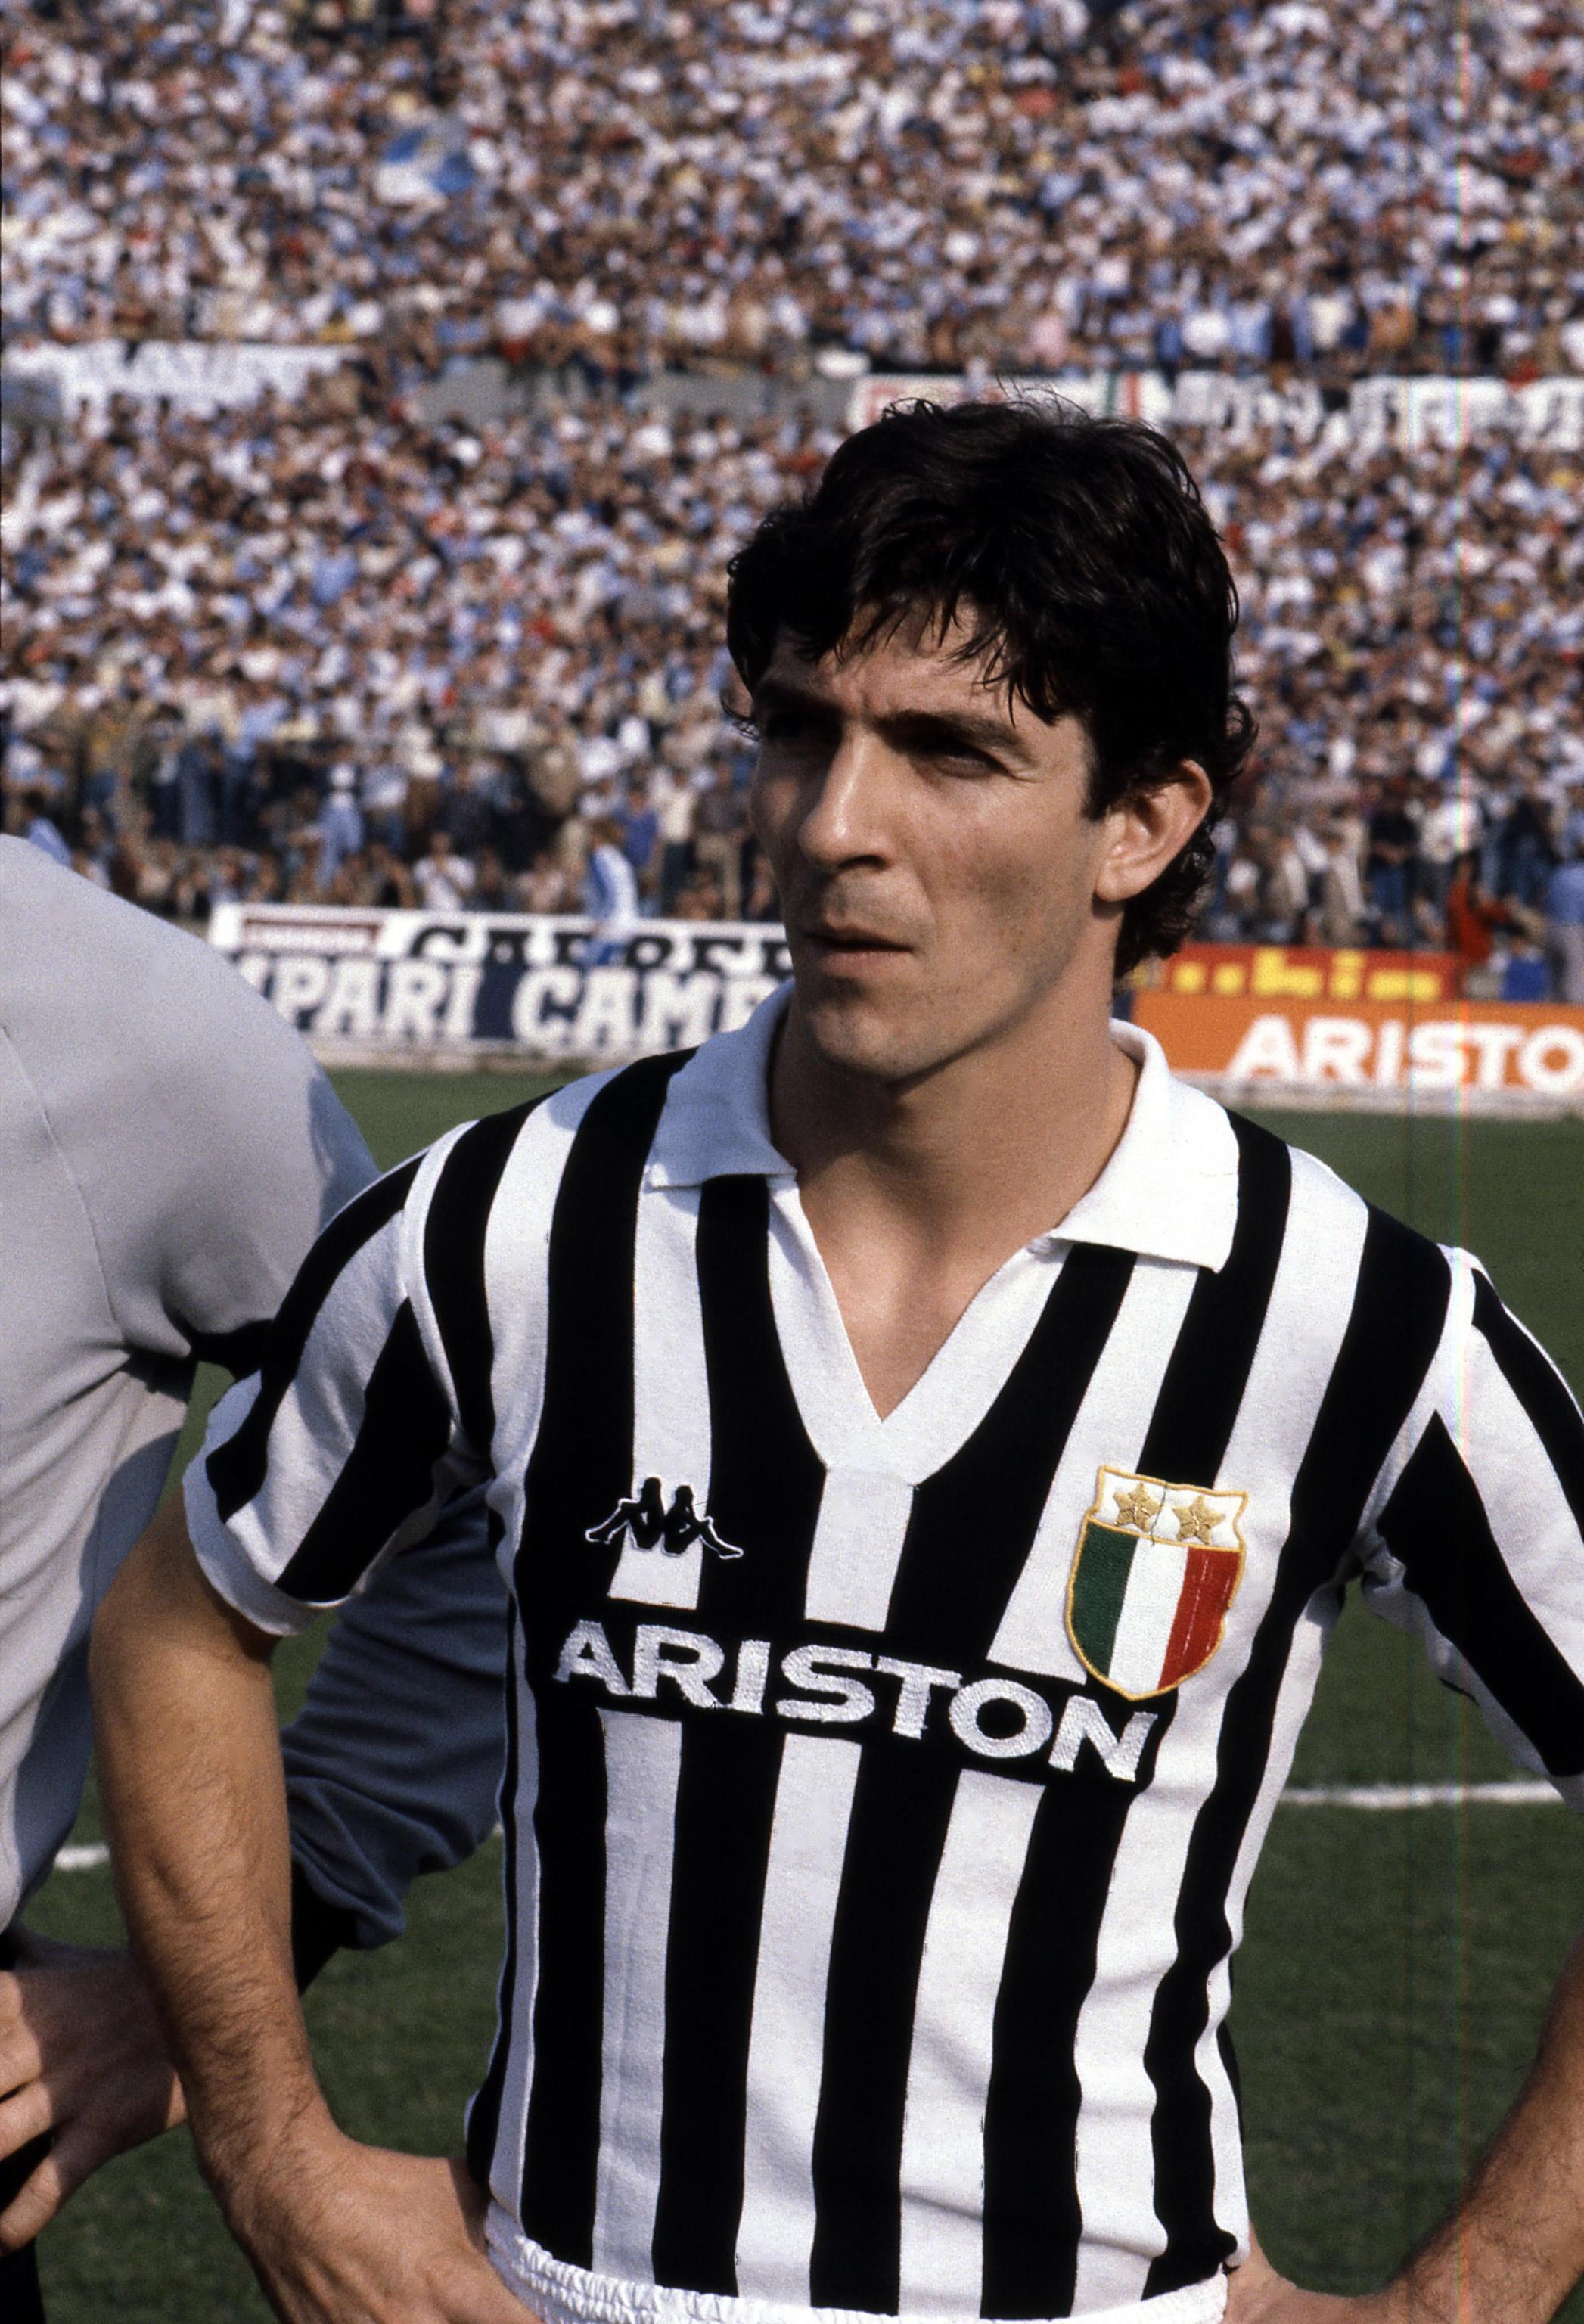 Paolo Rossi: 1973-75 e 1981-85, Milan 1985-86